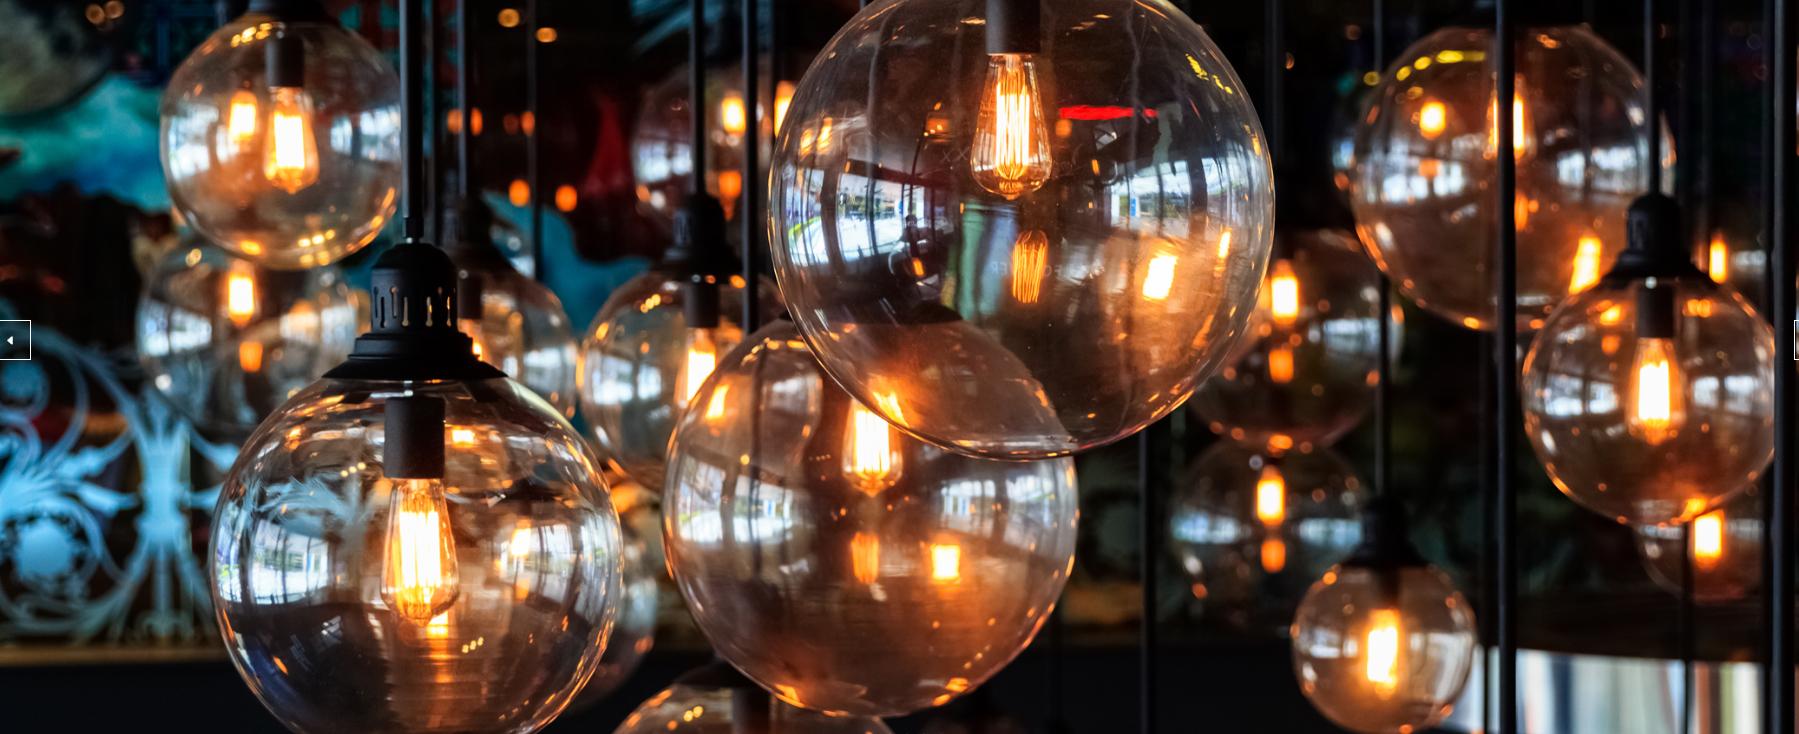 אורות 2000